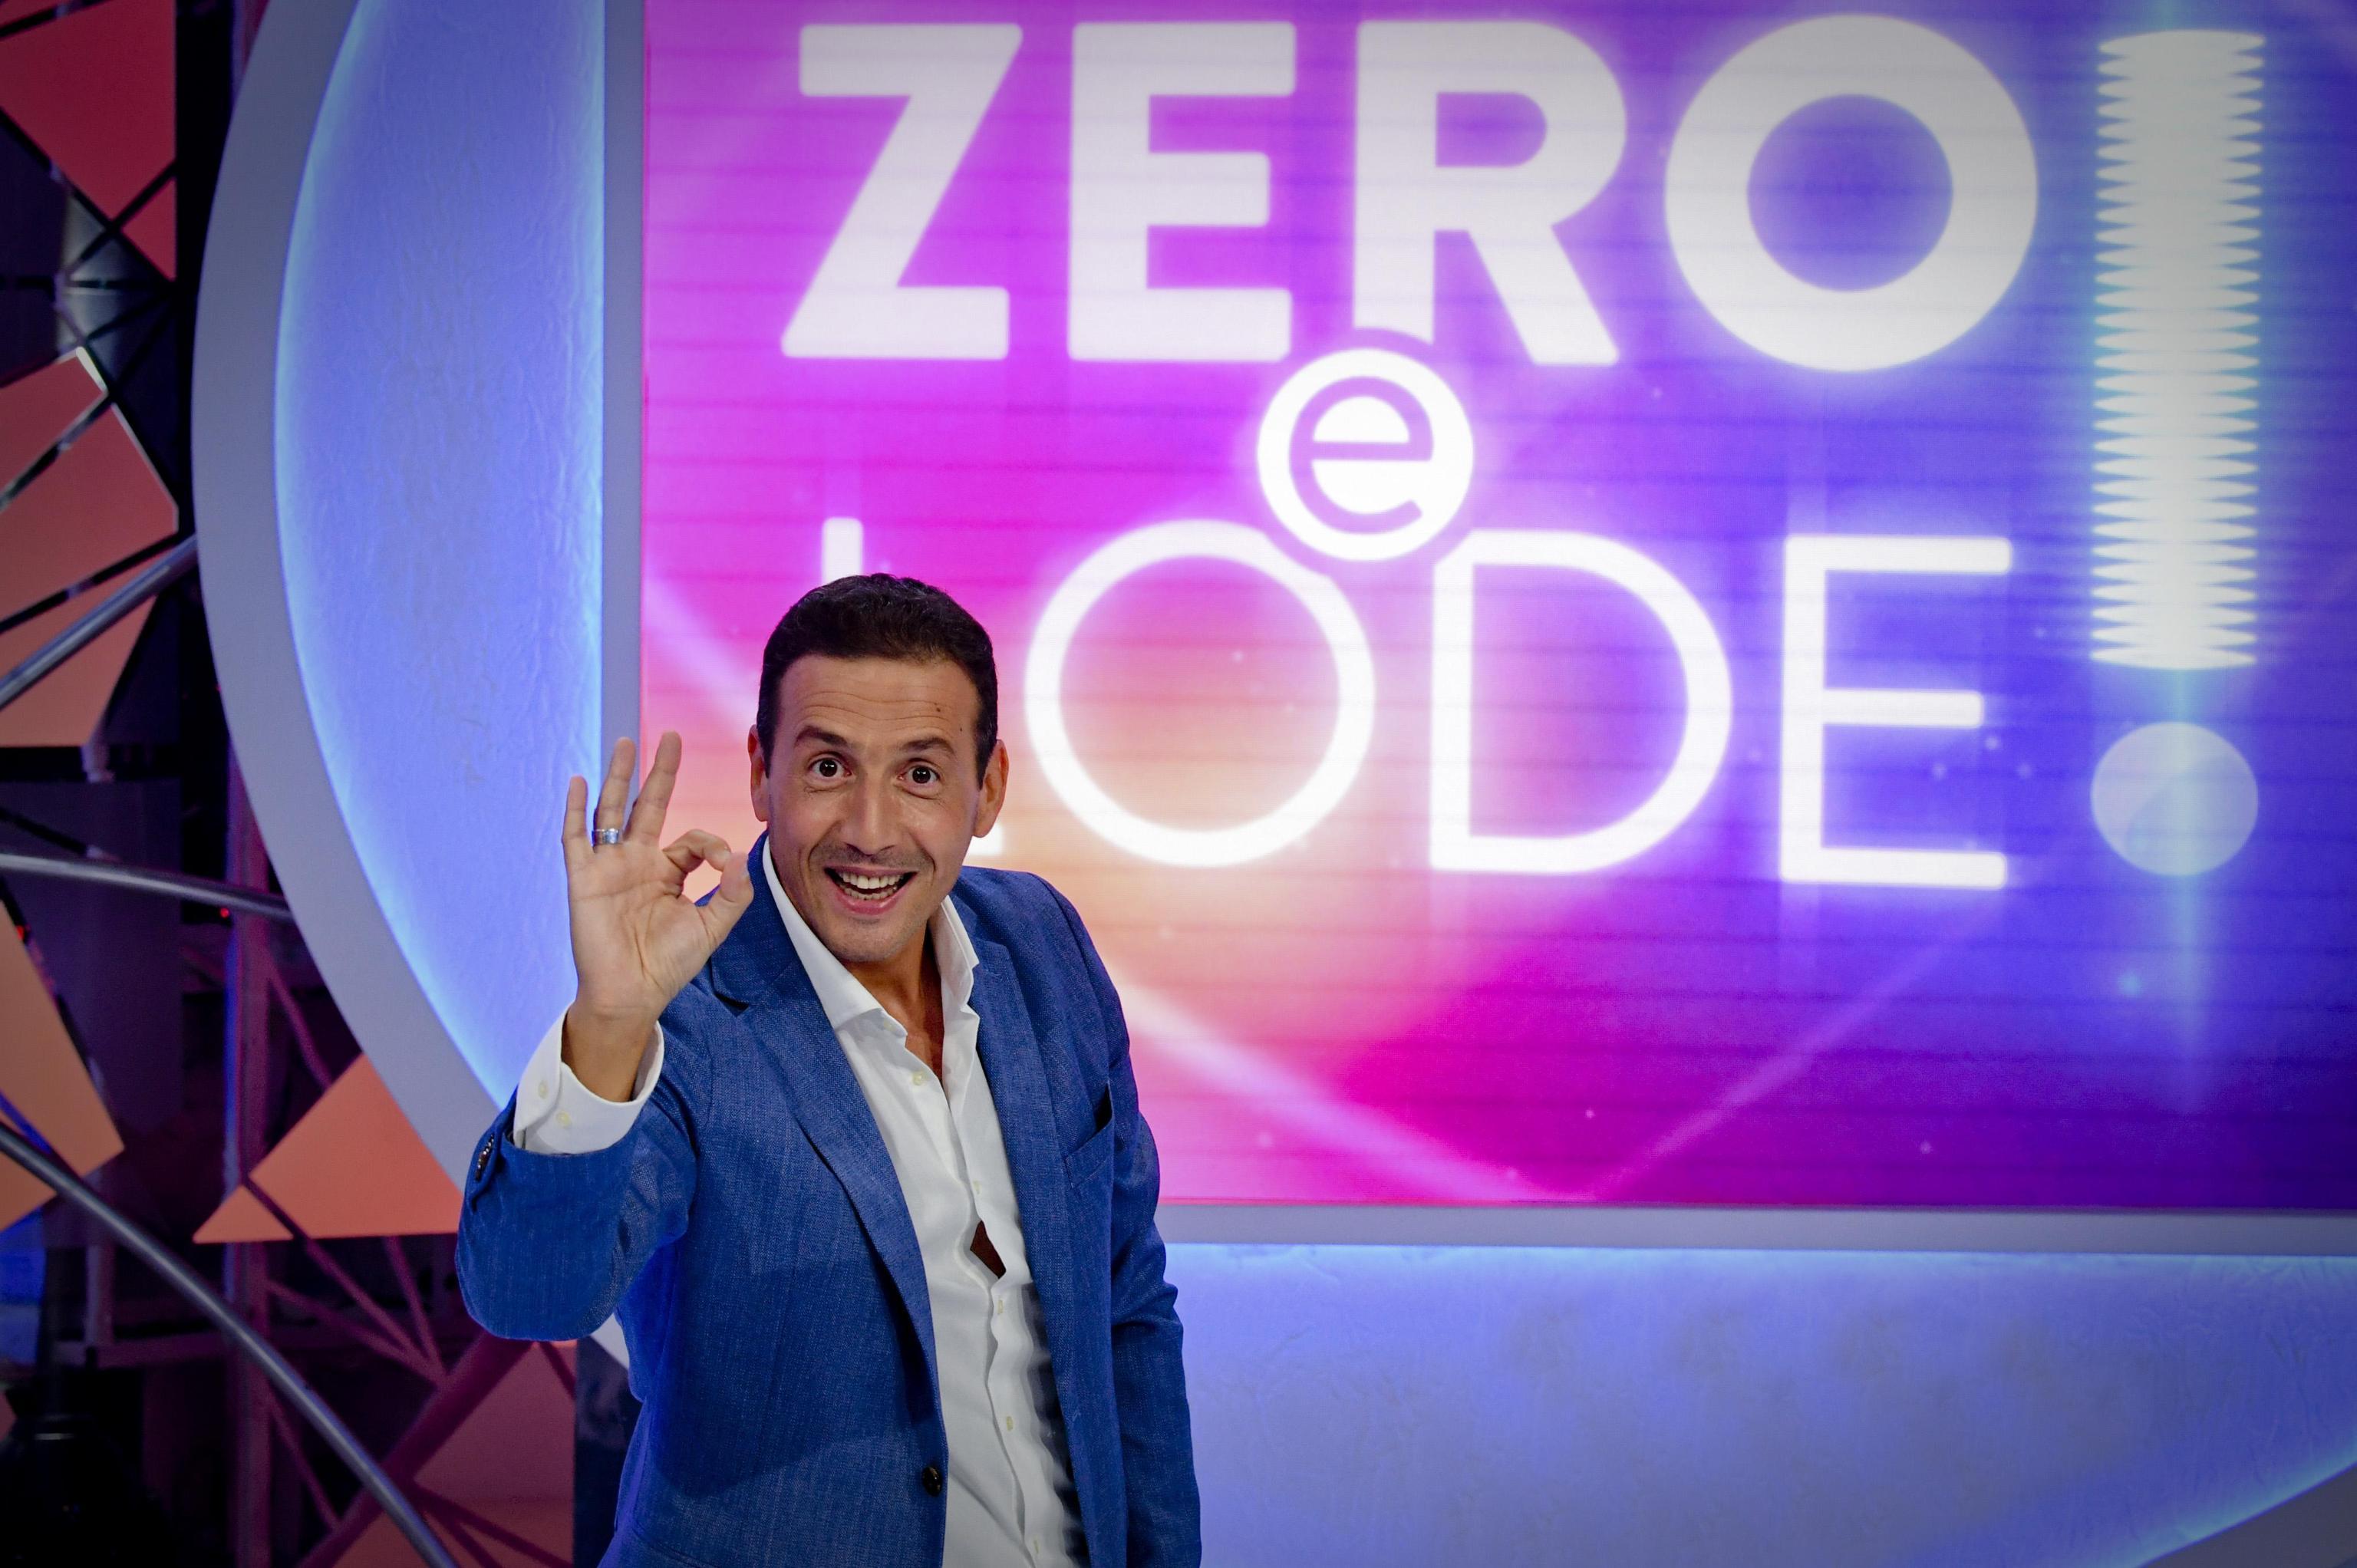 Alessandro Greco sulla chiusura di Zero e lode: 'In Italia conta appartenere a certi giri'